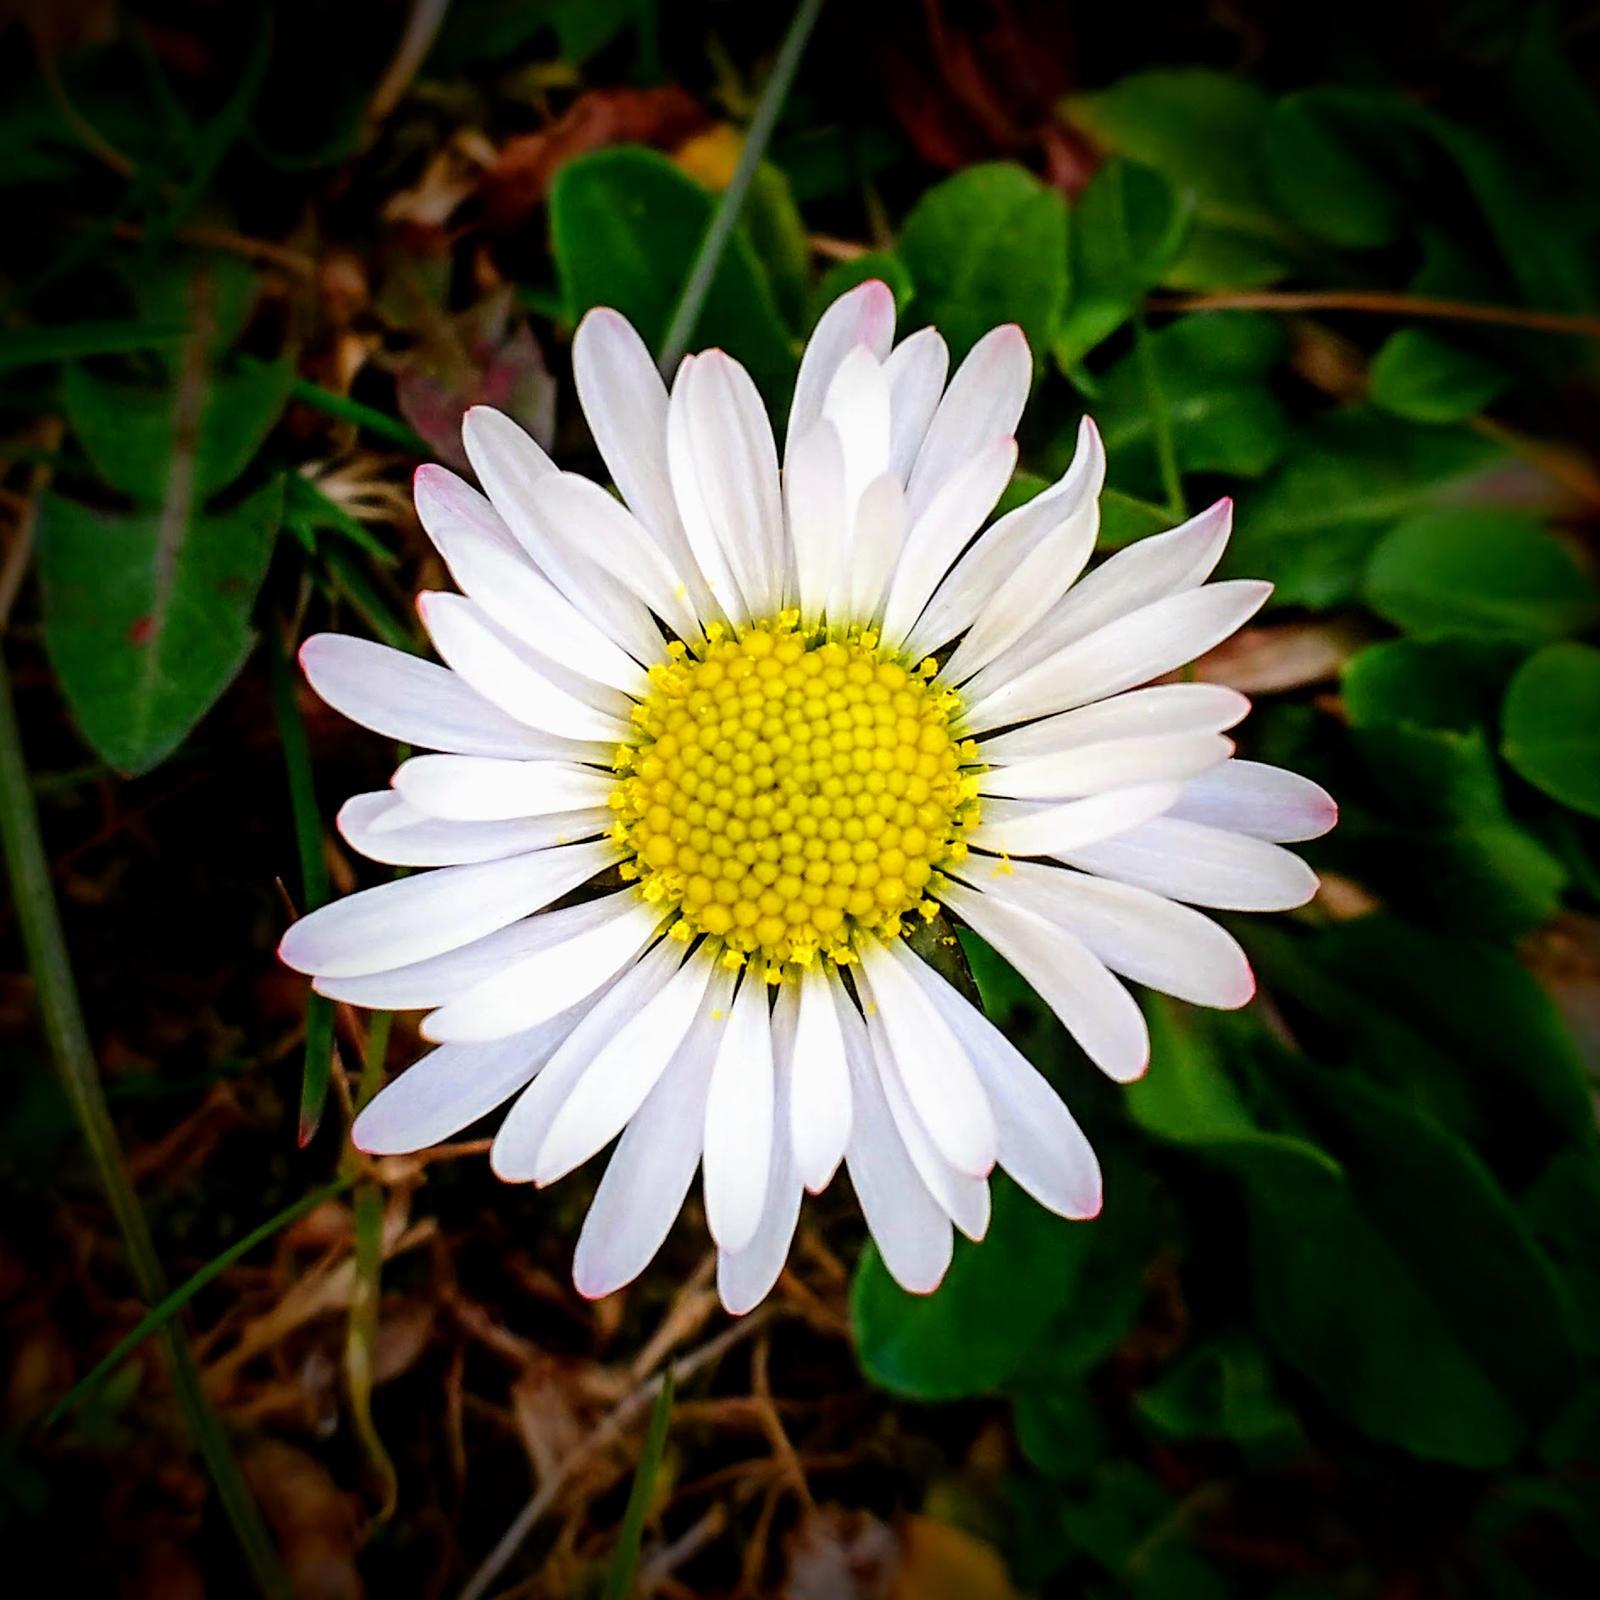 daisy by Mittelfranke